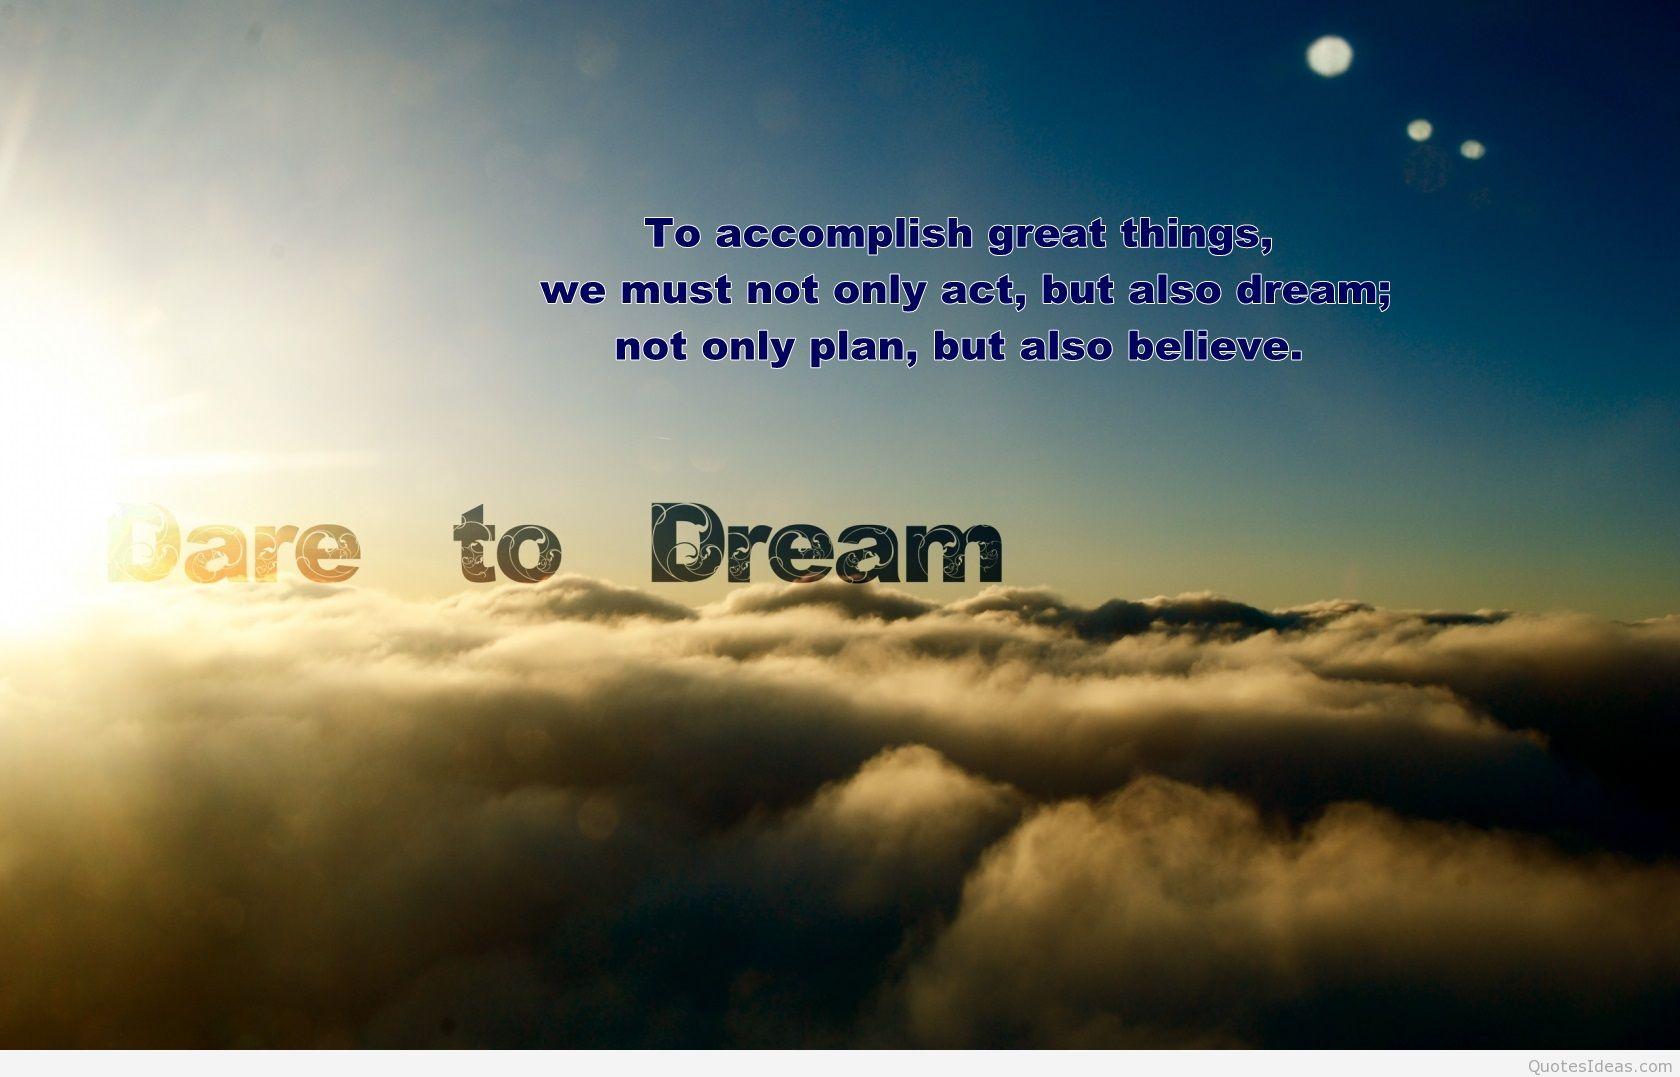 Dare To Dream Quote Wallpaper - Pursue Your Dreams - HD Wallpaper